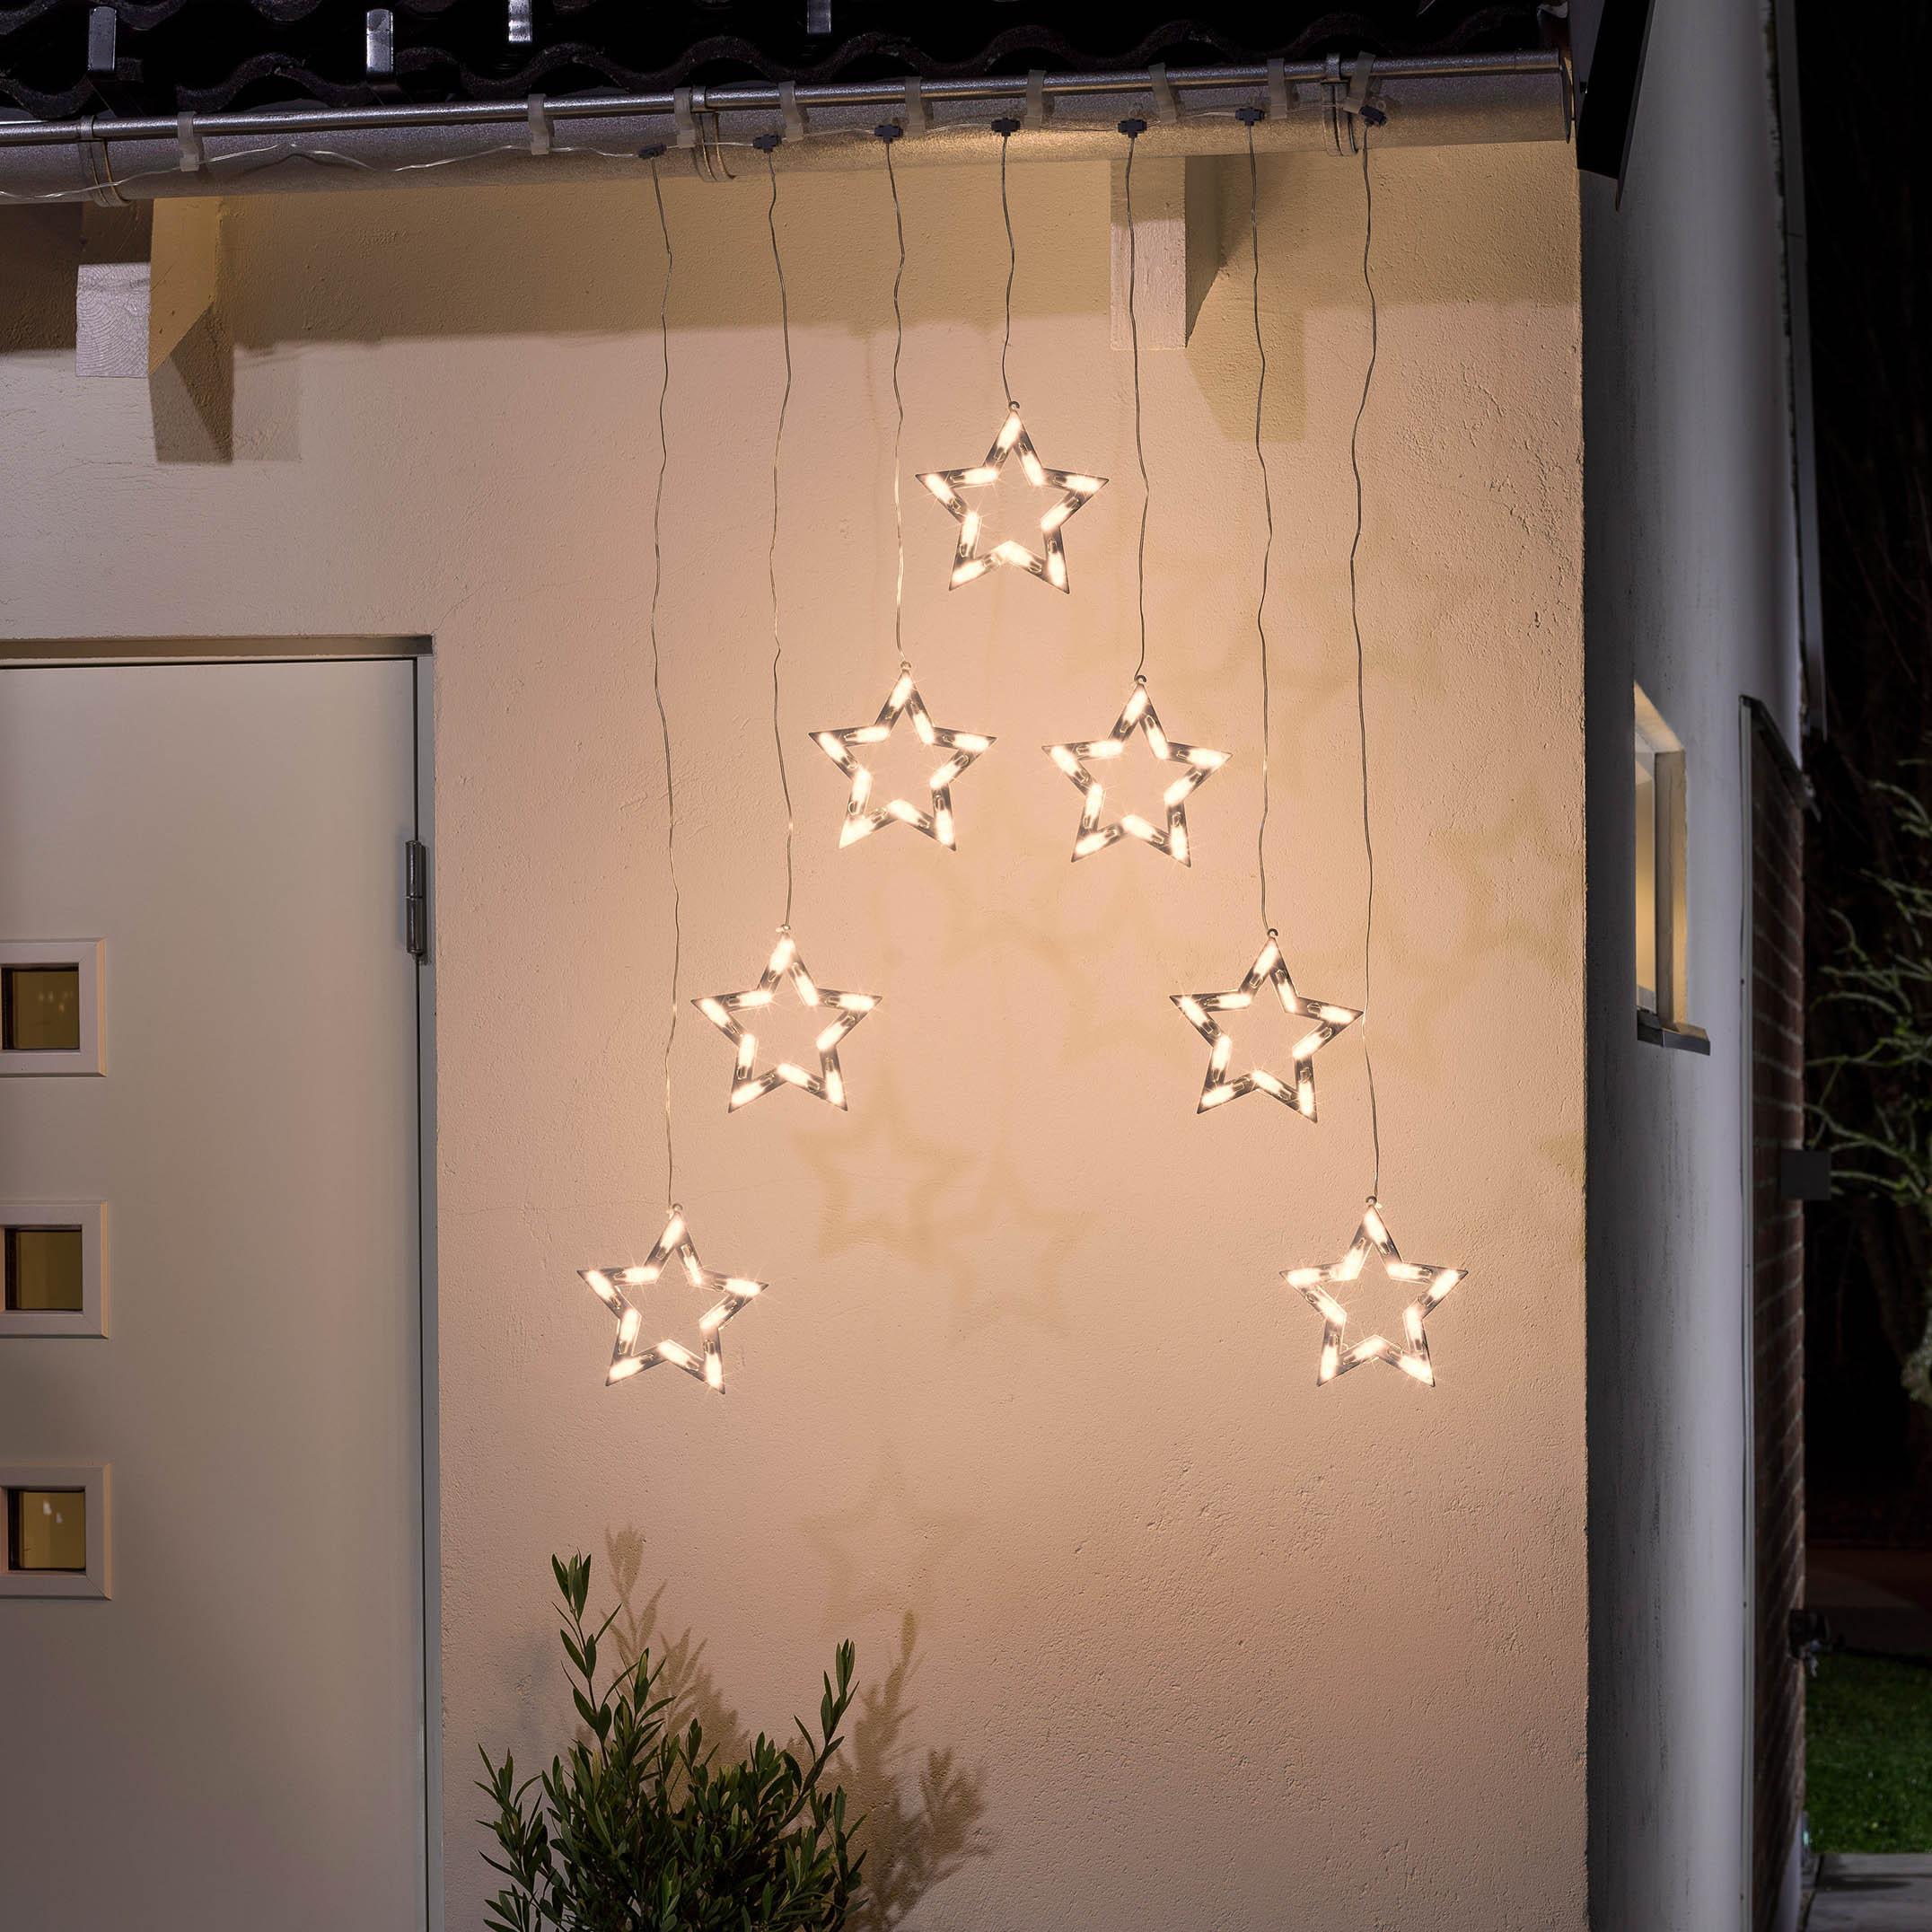 Konstsmide LED-Lichtervorhang mit 7 Sternen 4043-103